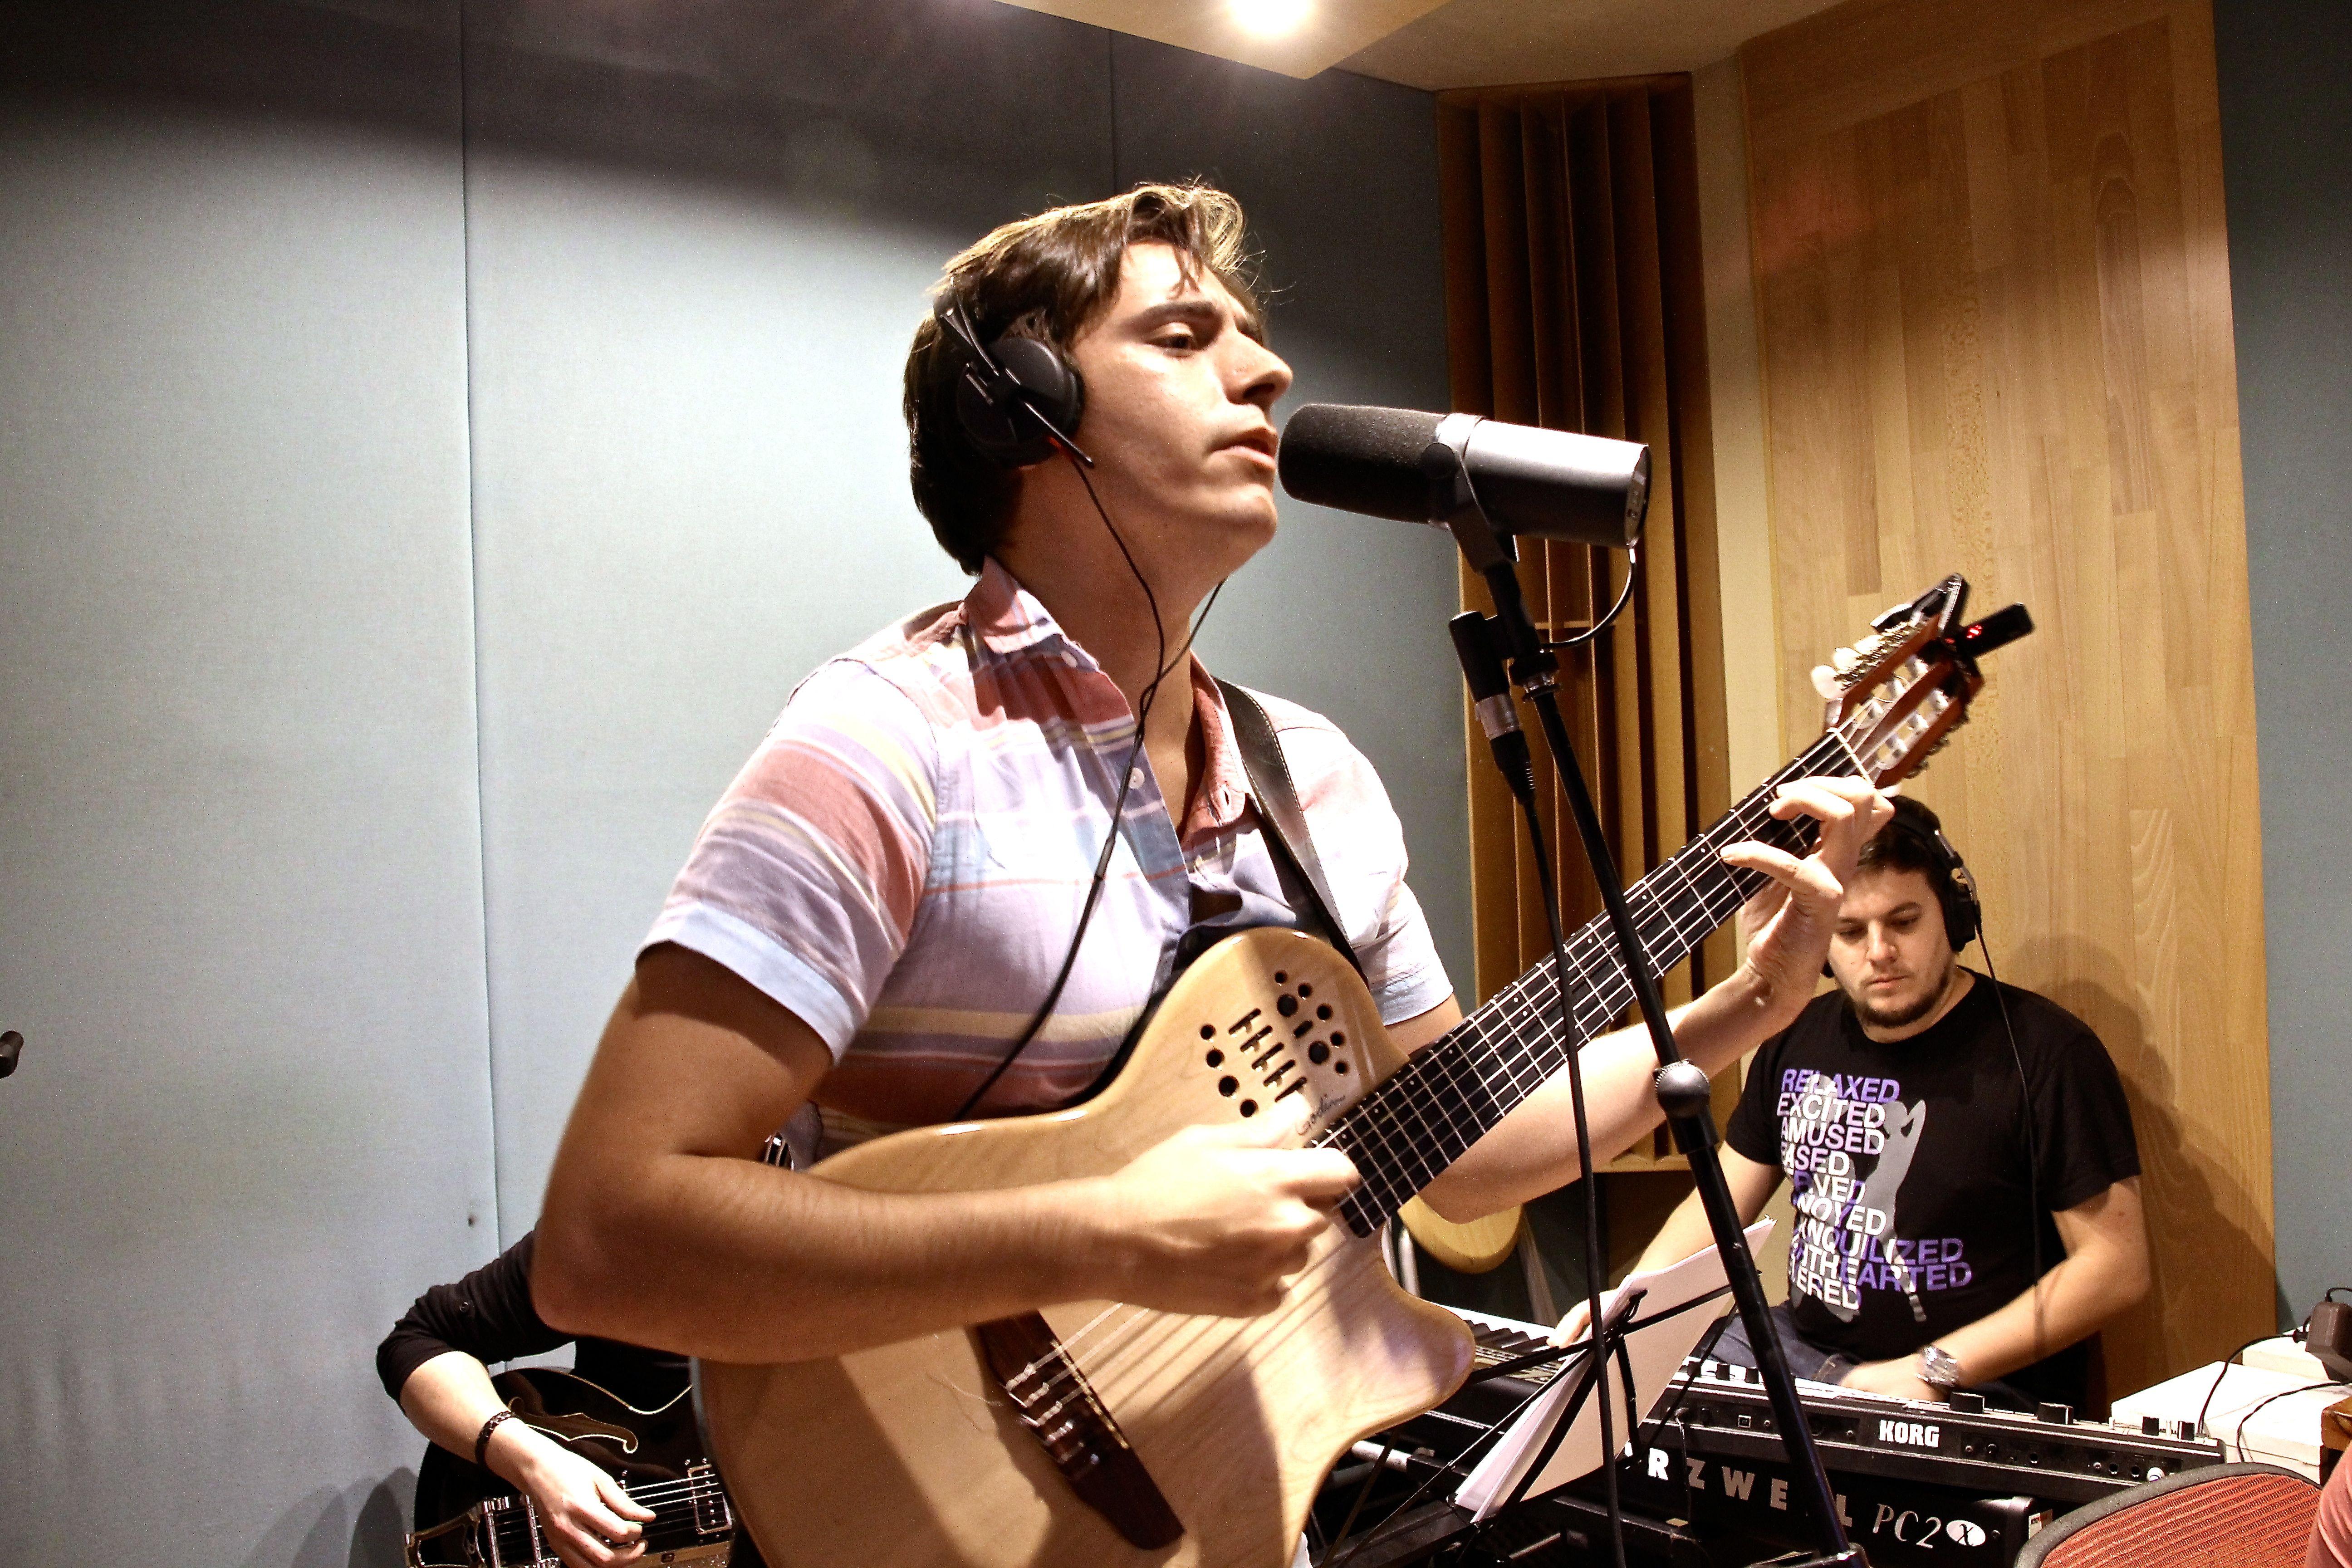 Pablo Lesiut